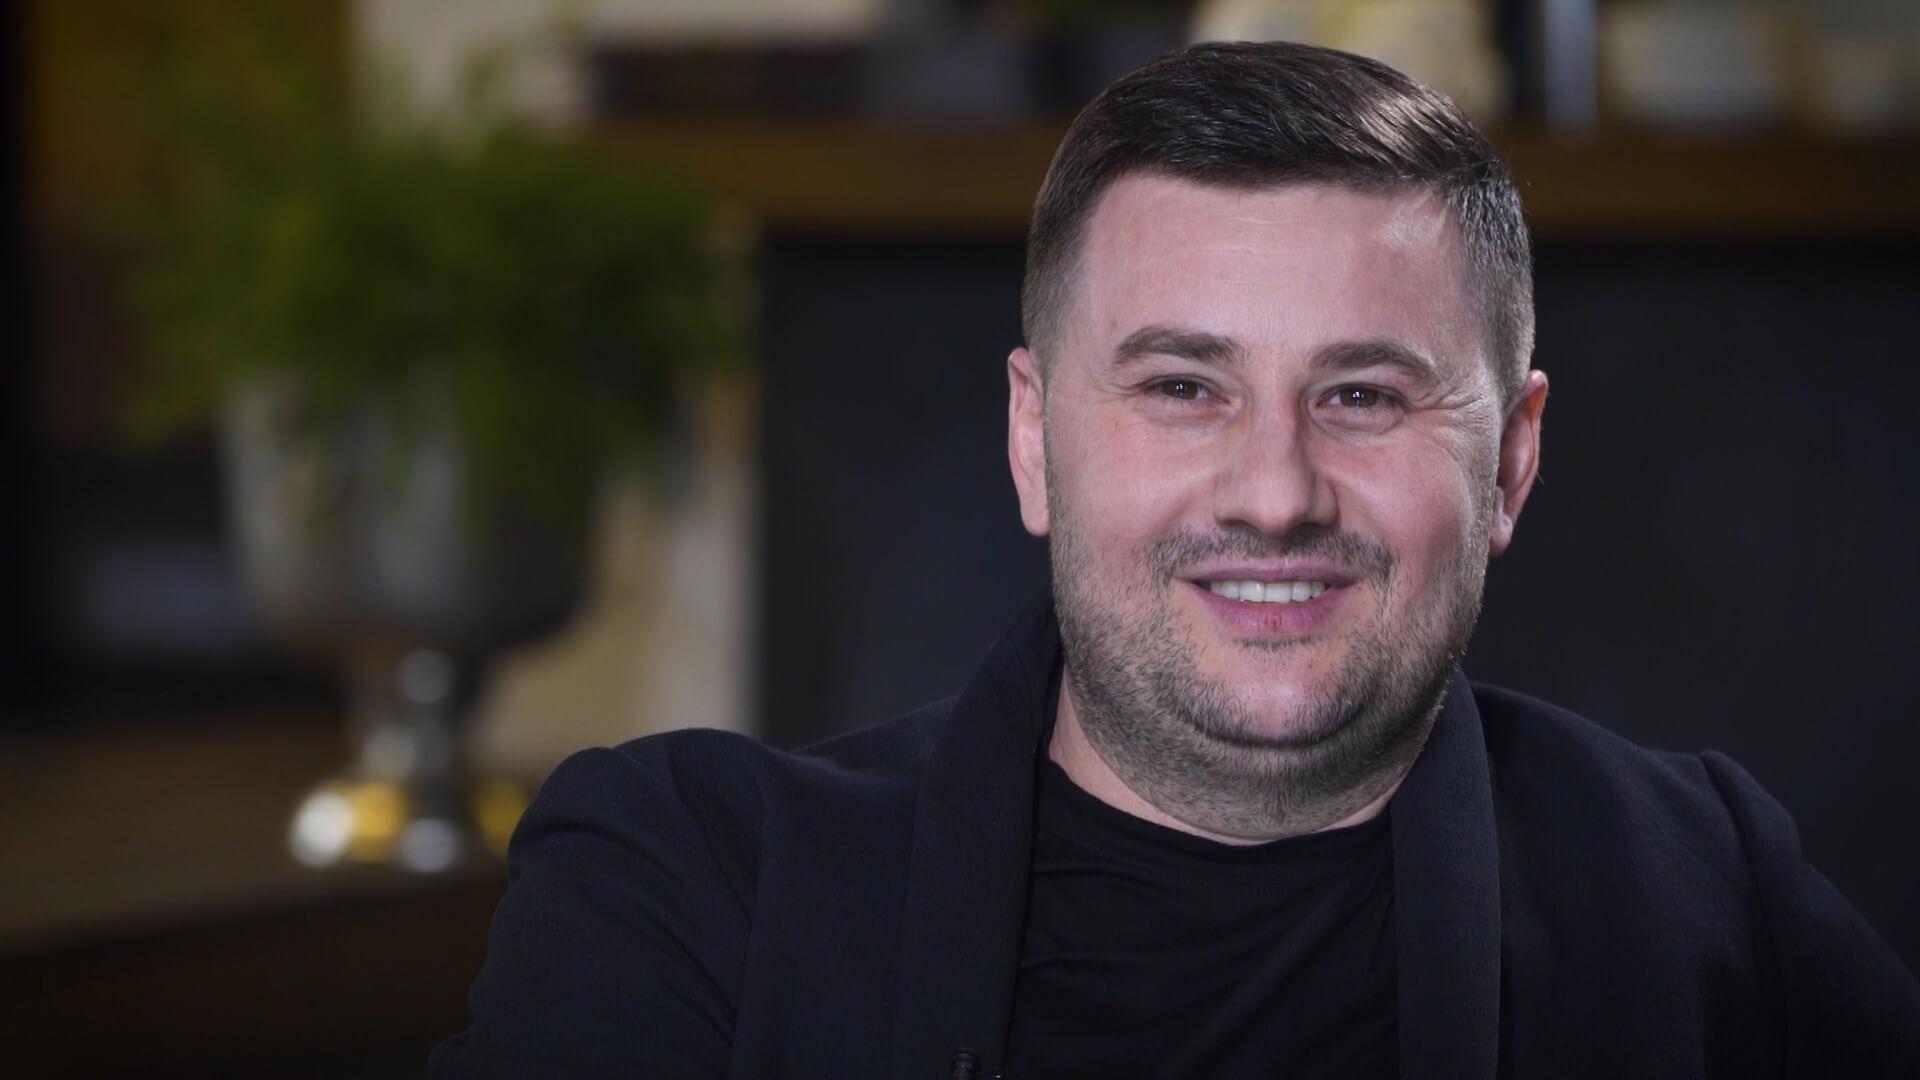 Вокалист Владимир Казанцев: я считаю, что личная жизнь не для публикаций